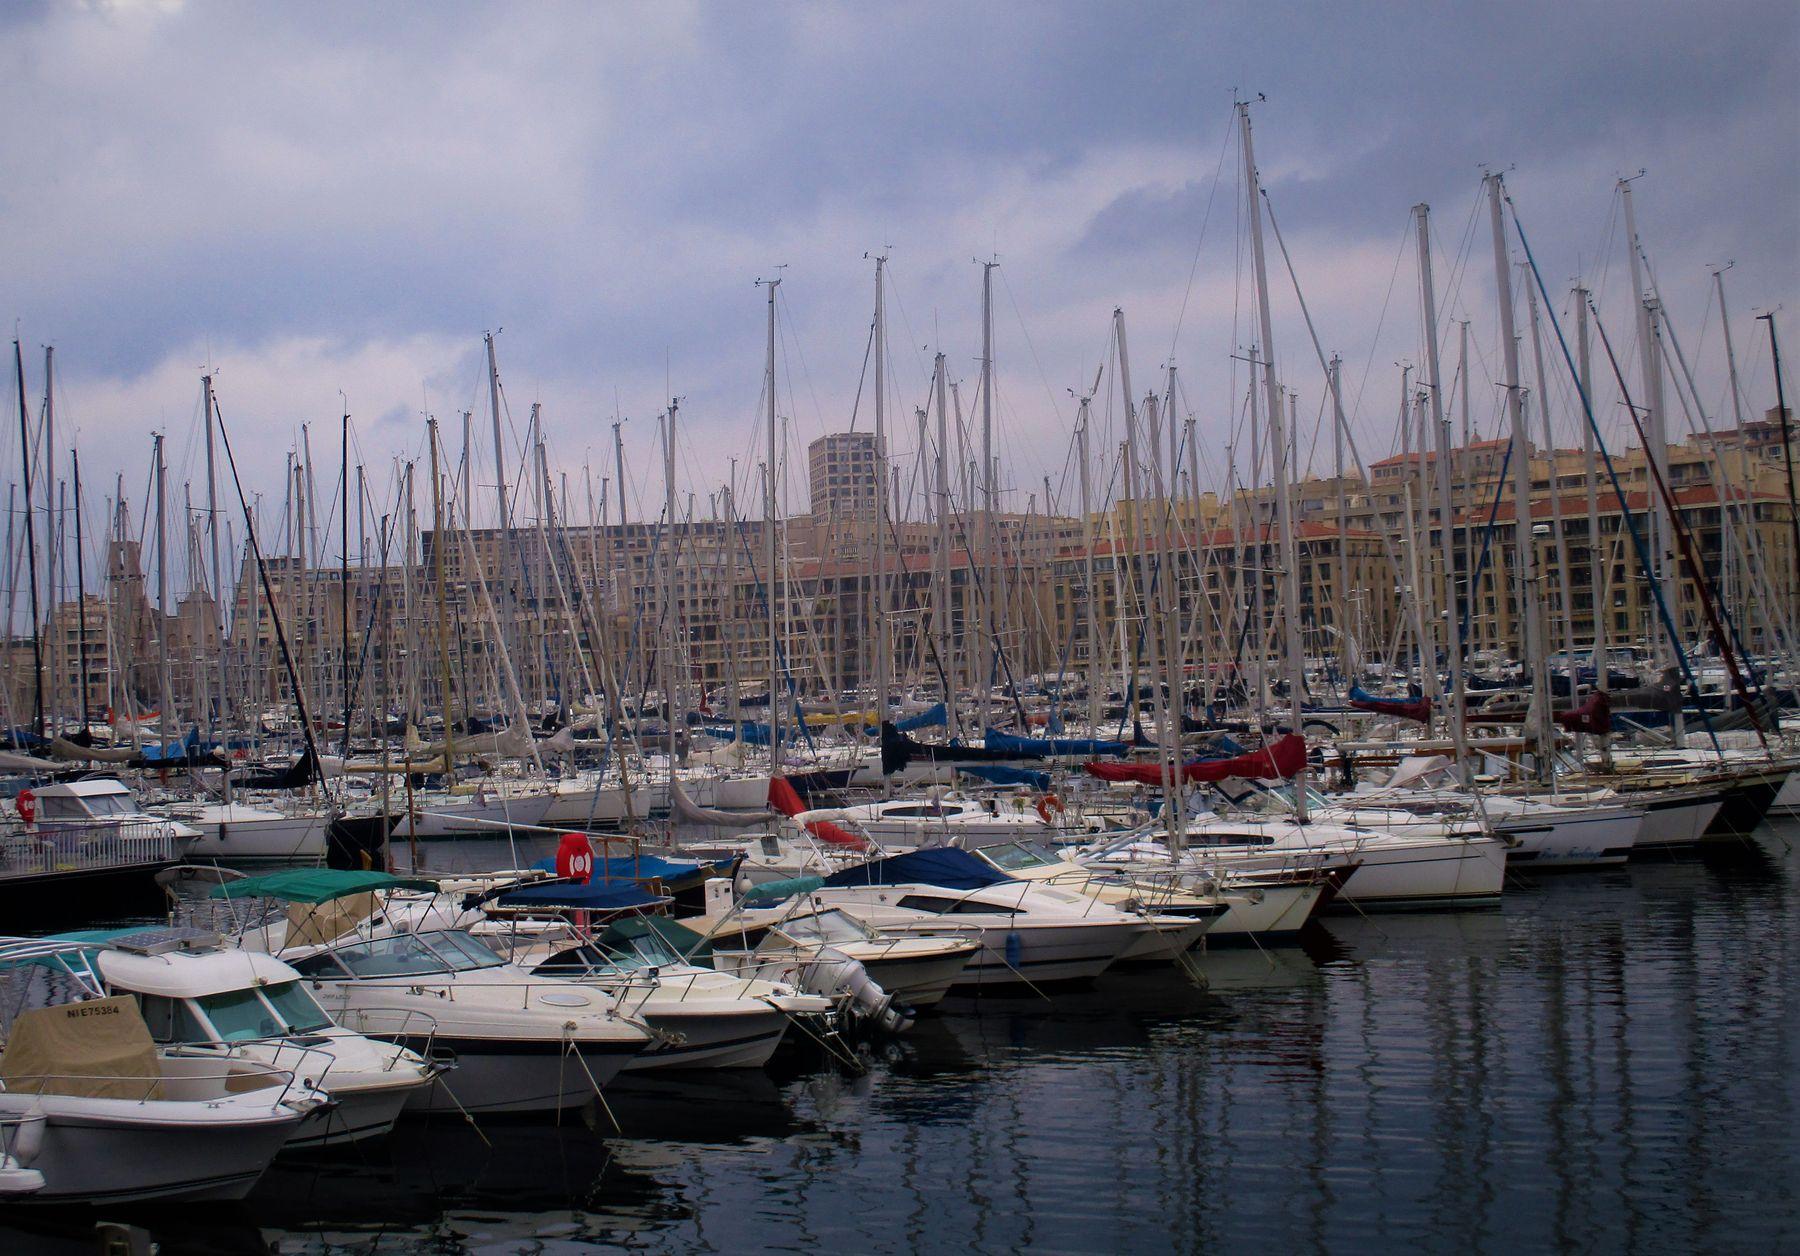 Ах, эти мачты, реи, паруса, канаты, бимсы, ванты, гроты, якоря и шкоты, краса и моря чудеса Путешествия стоянка яхт Испания